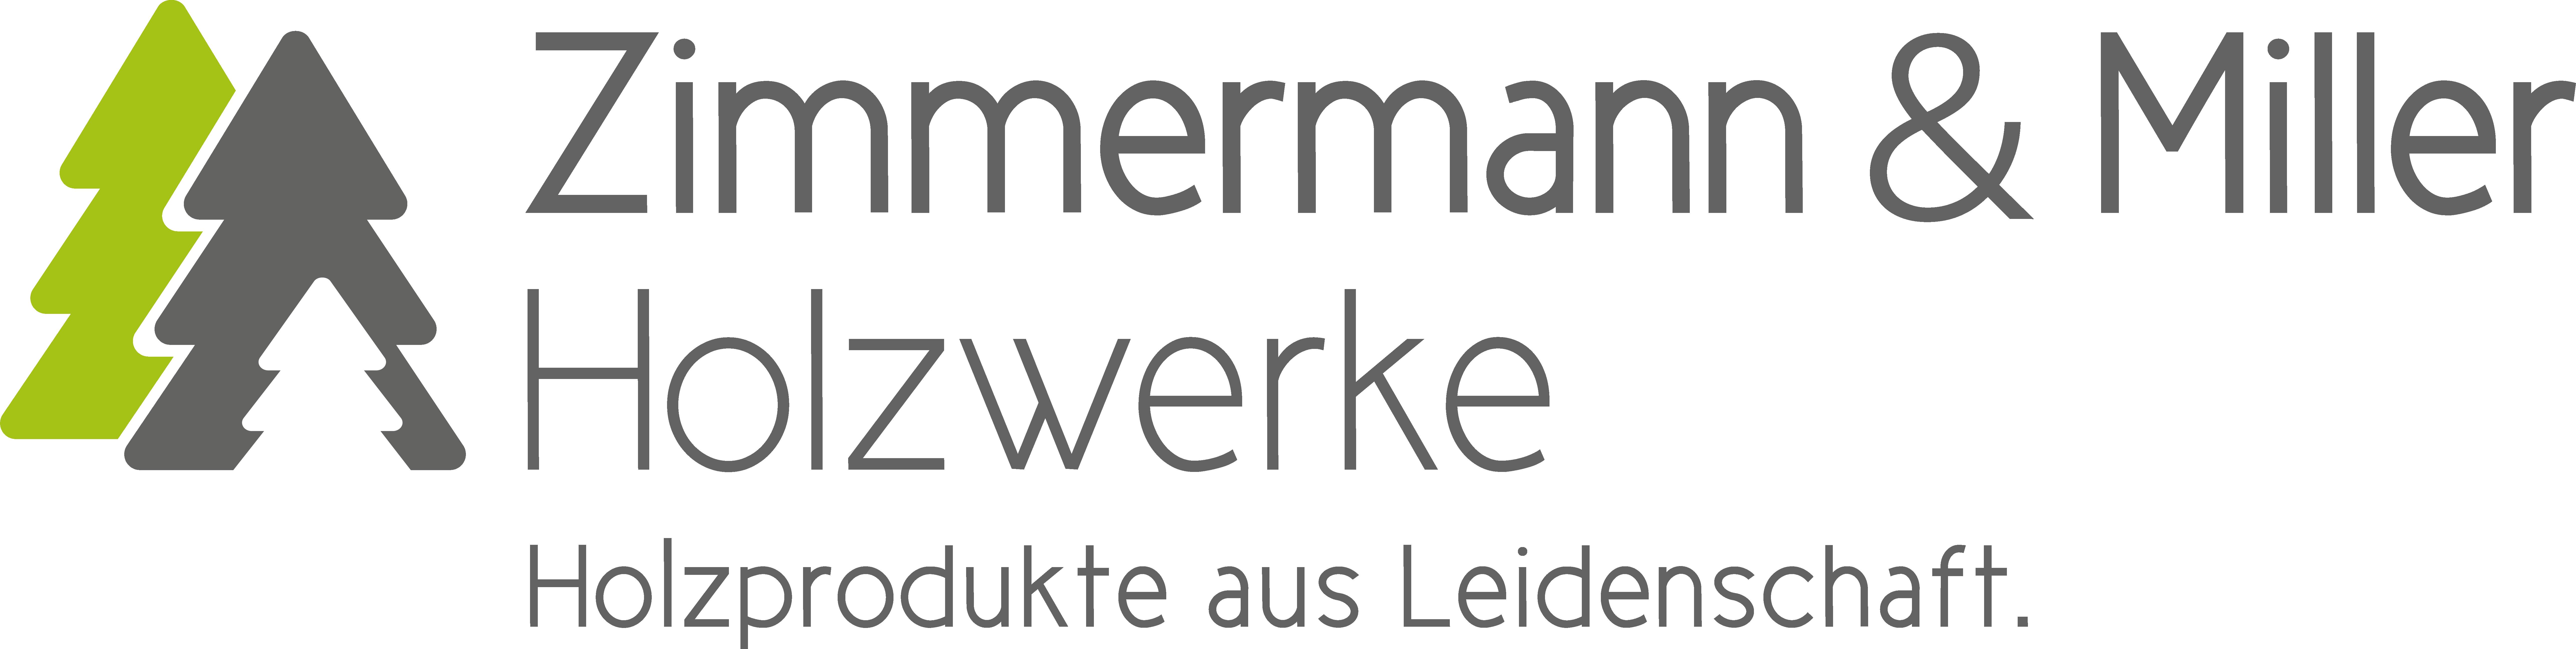 Zimmermann & Miller Holzwerke